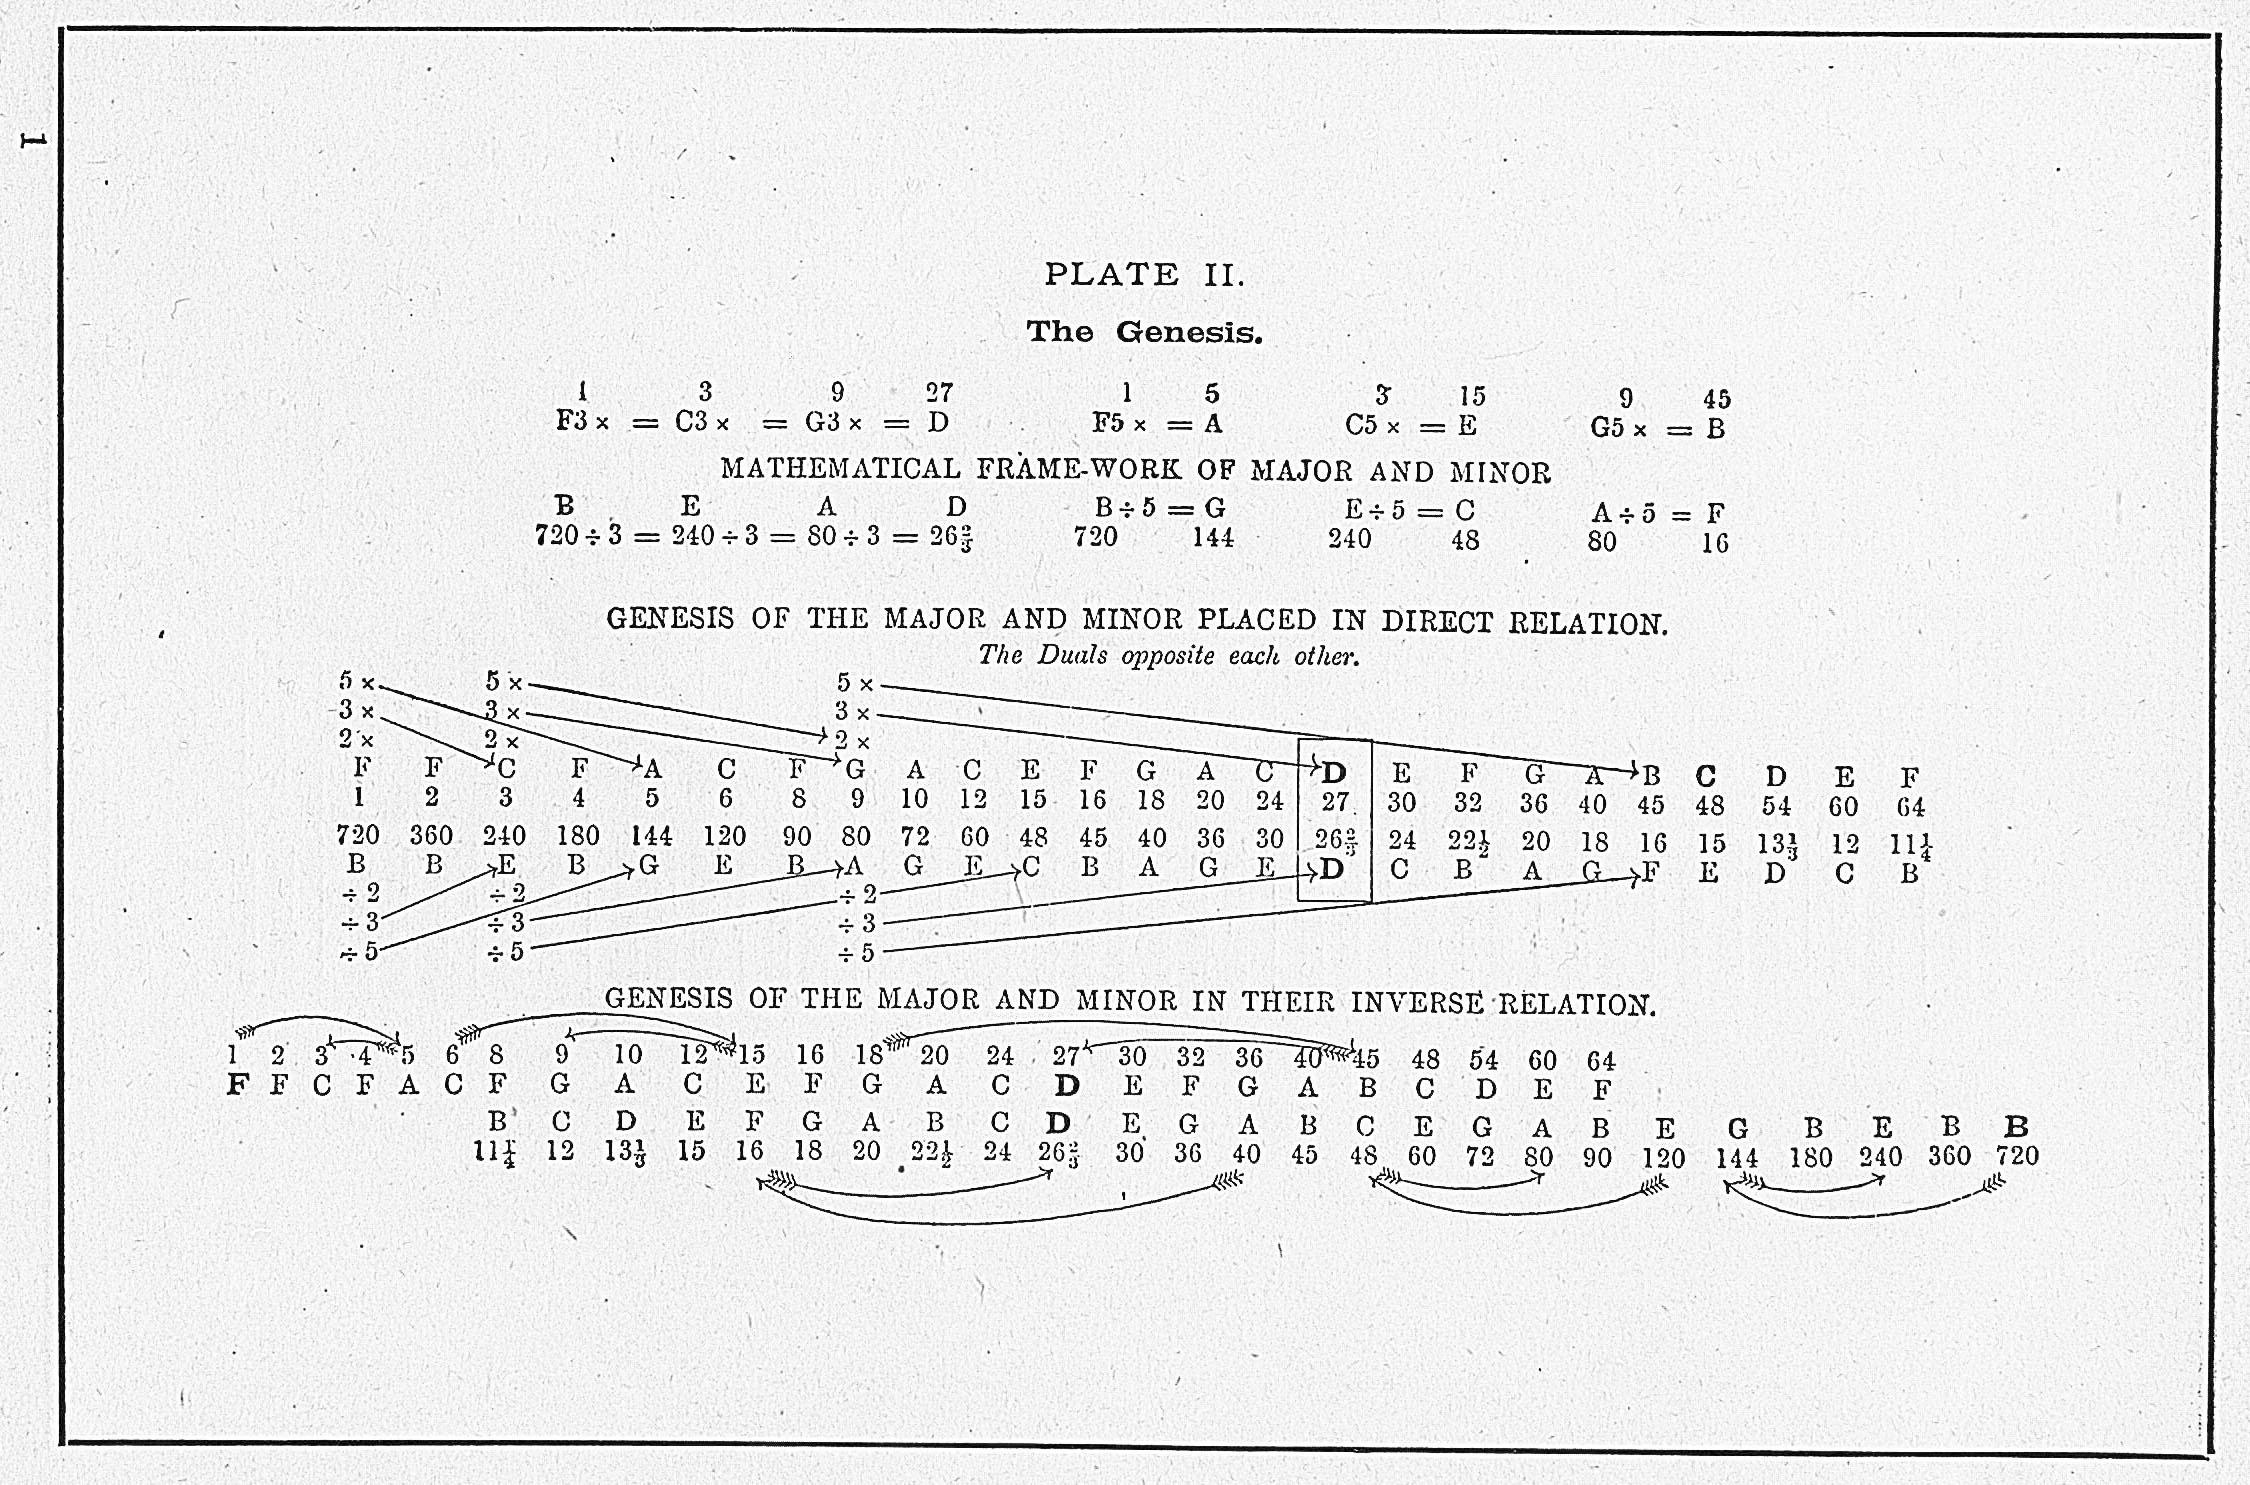 PLATE II